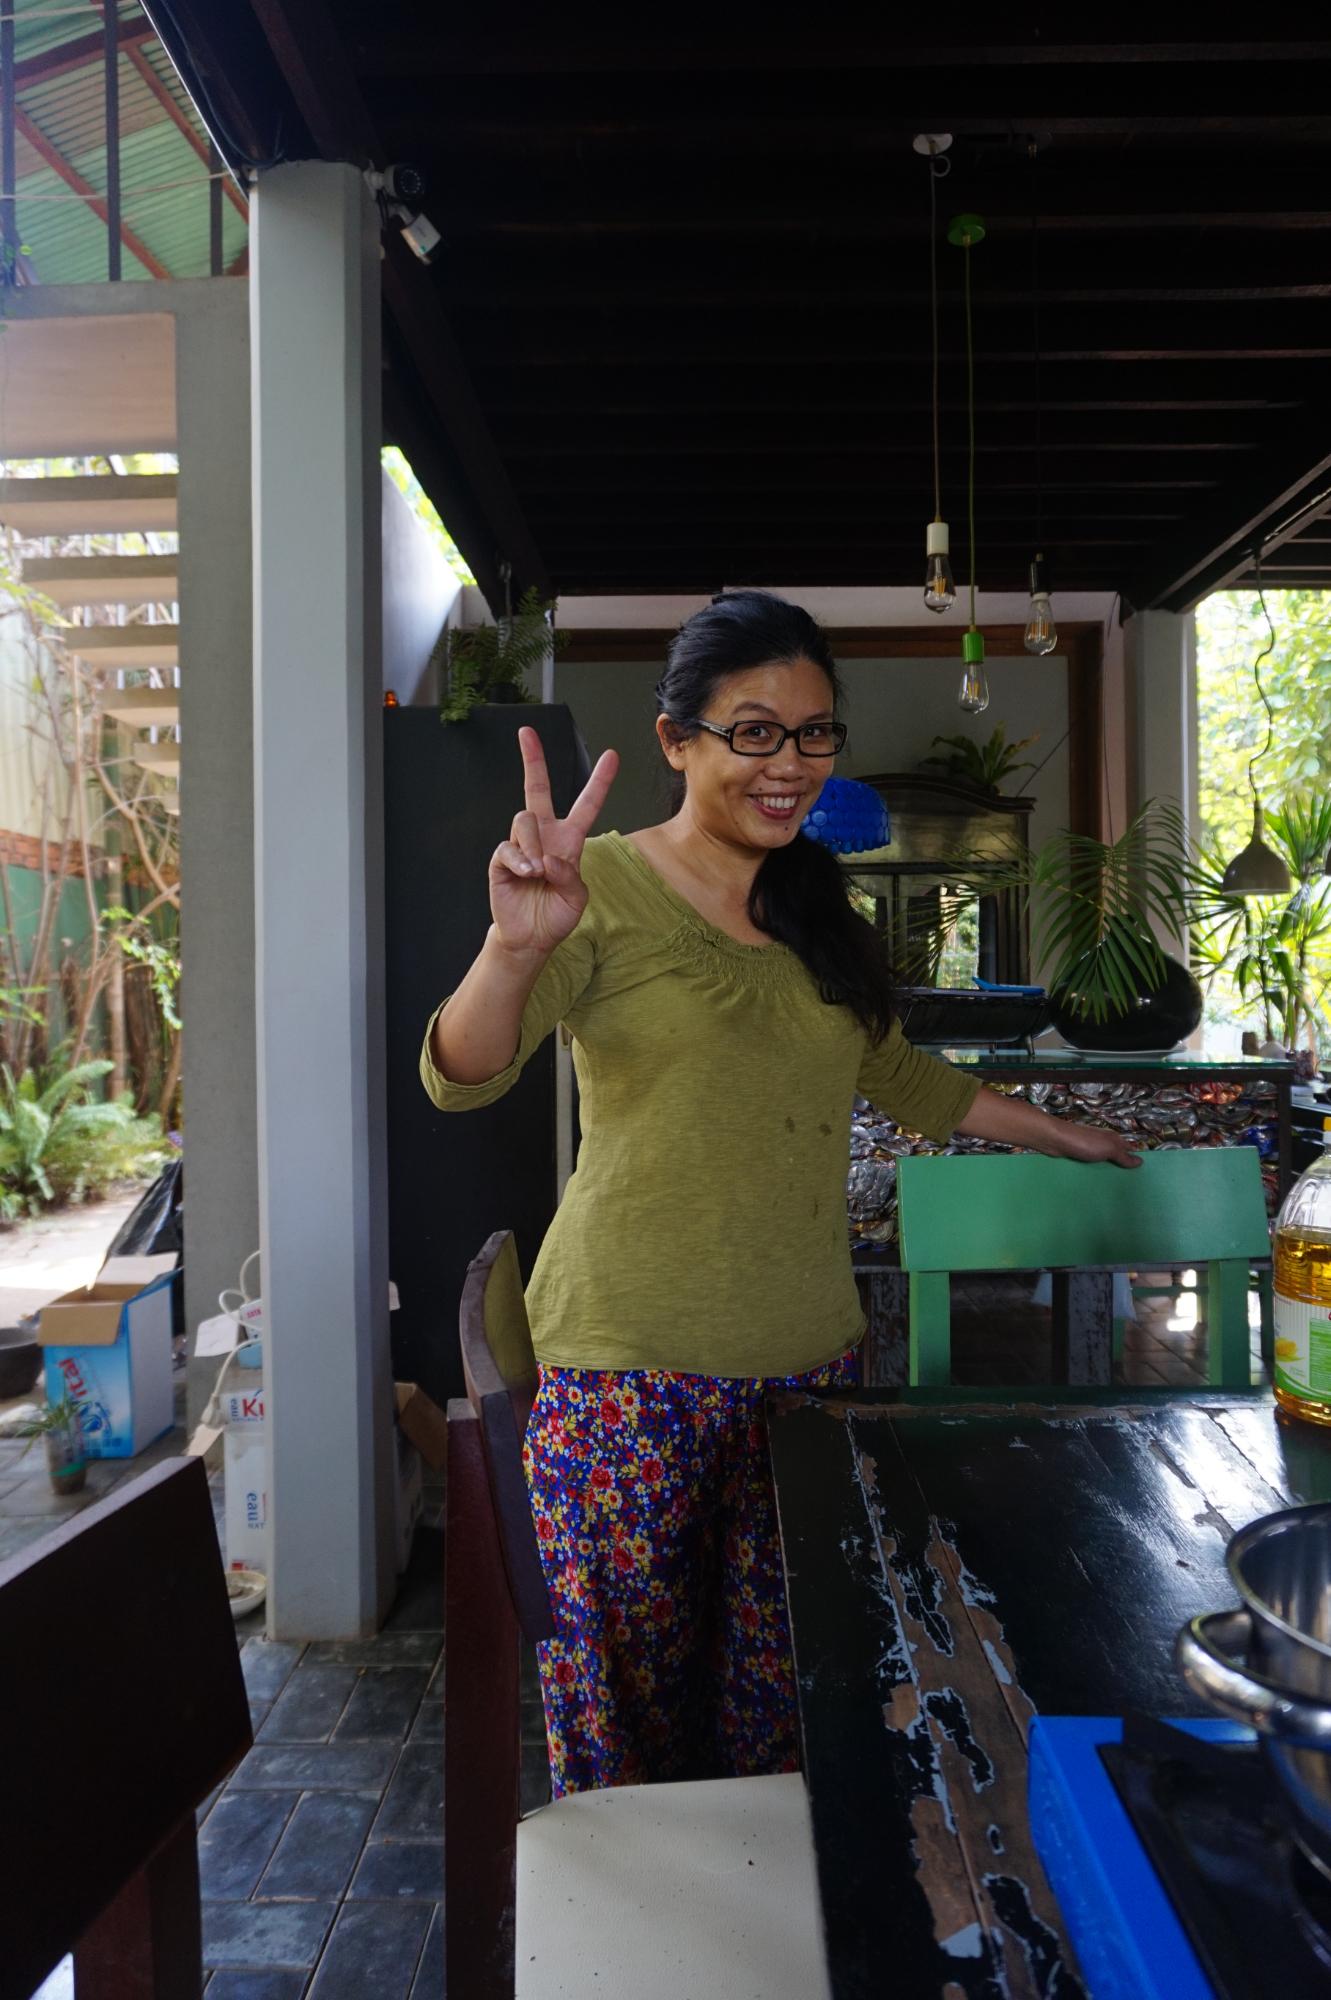 Lucy aus Taiwan - Die Gattin des Kochs